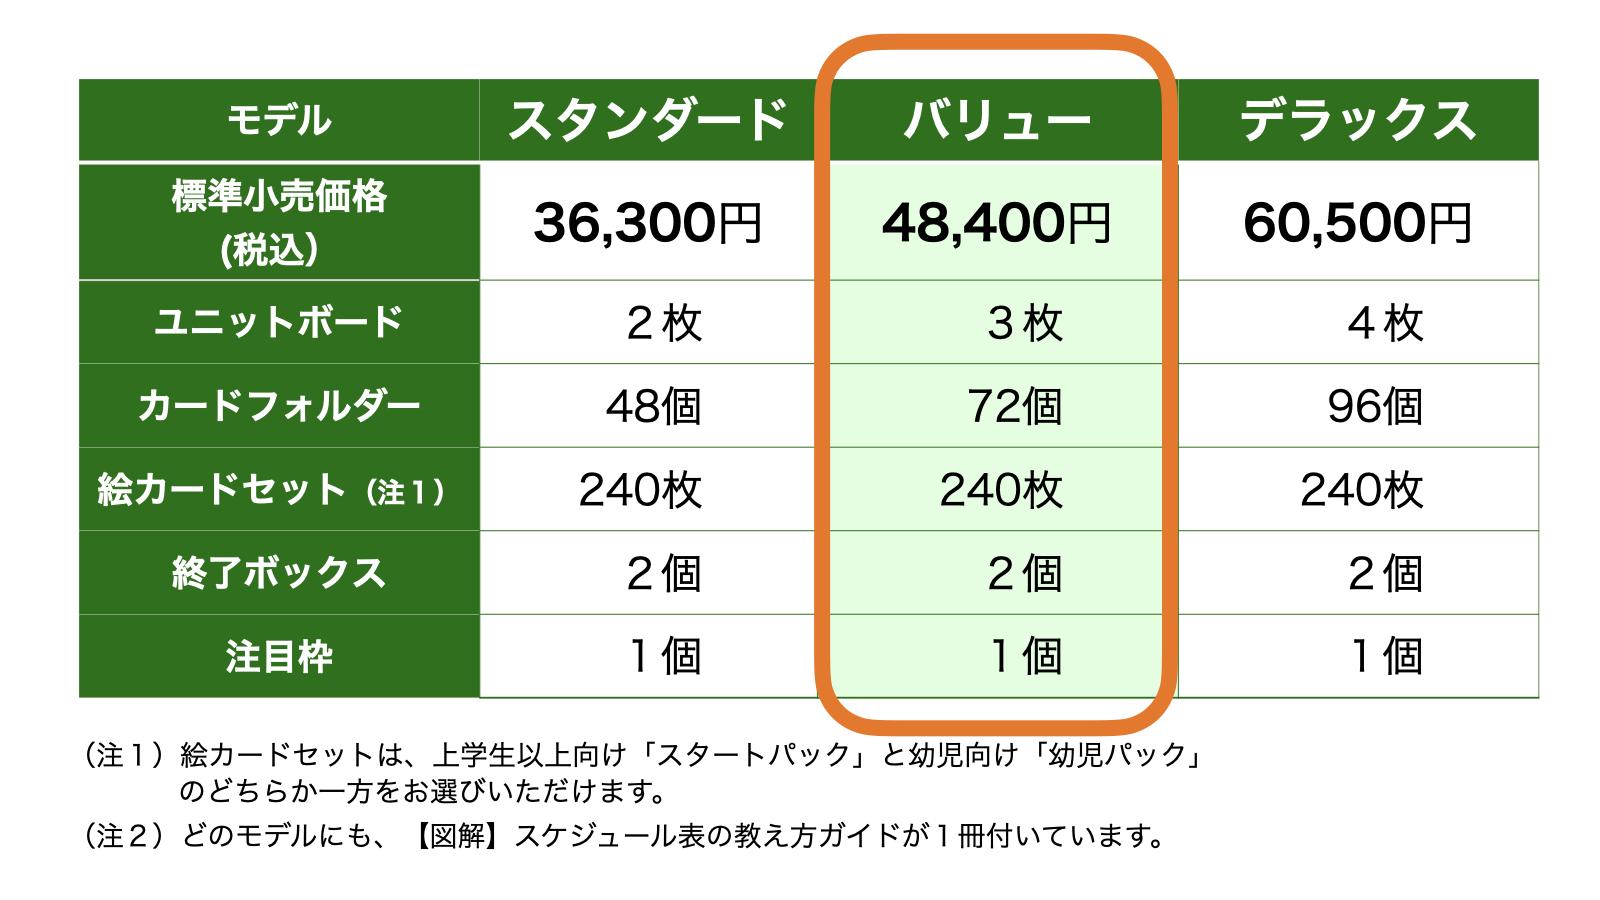 コバリテ視覚支援スタートキット:価格表(2019年10月)